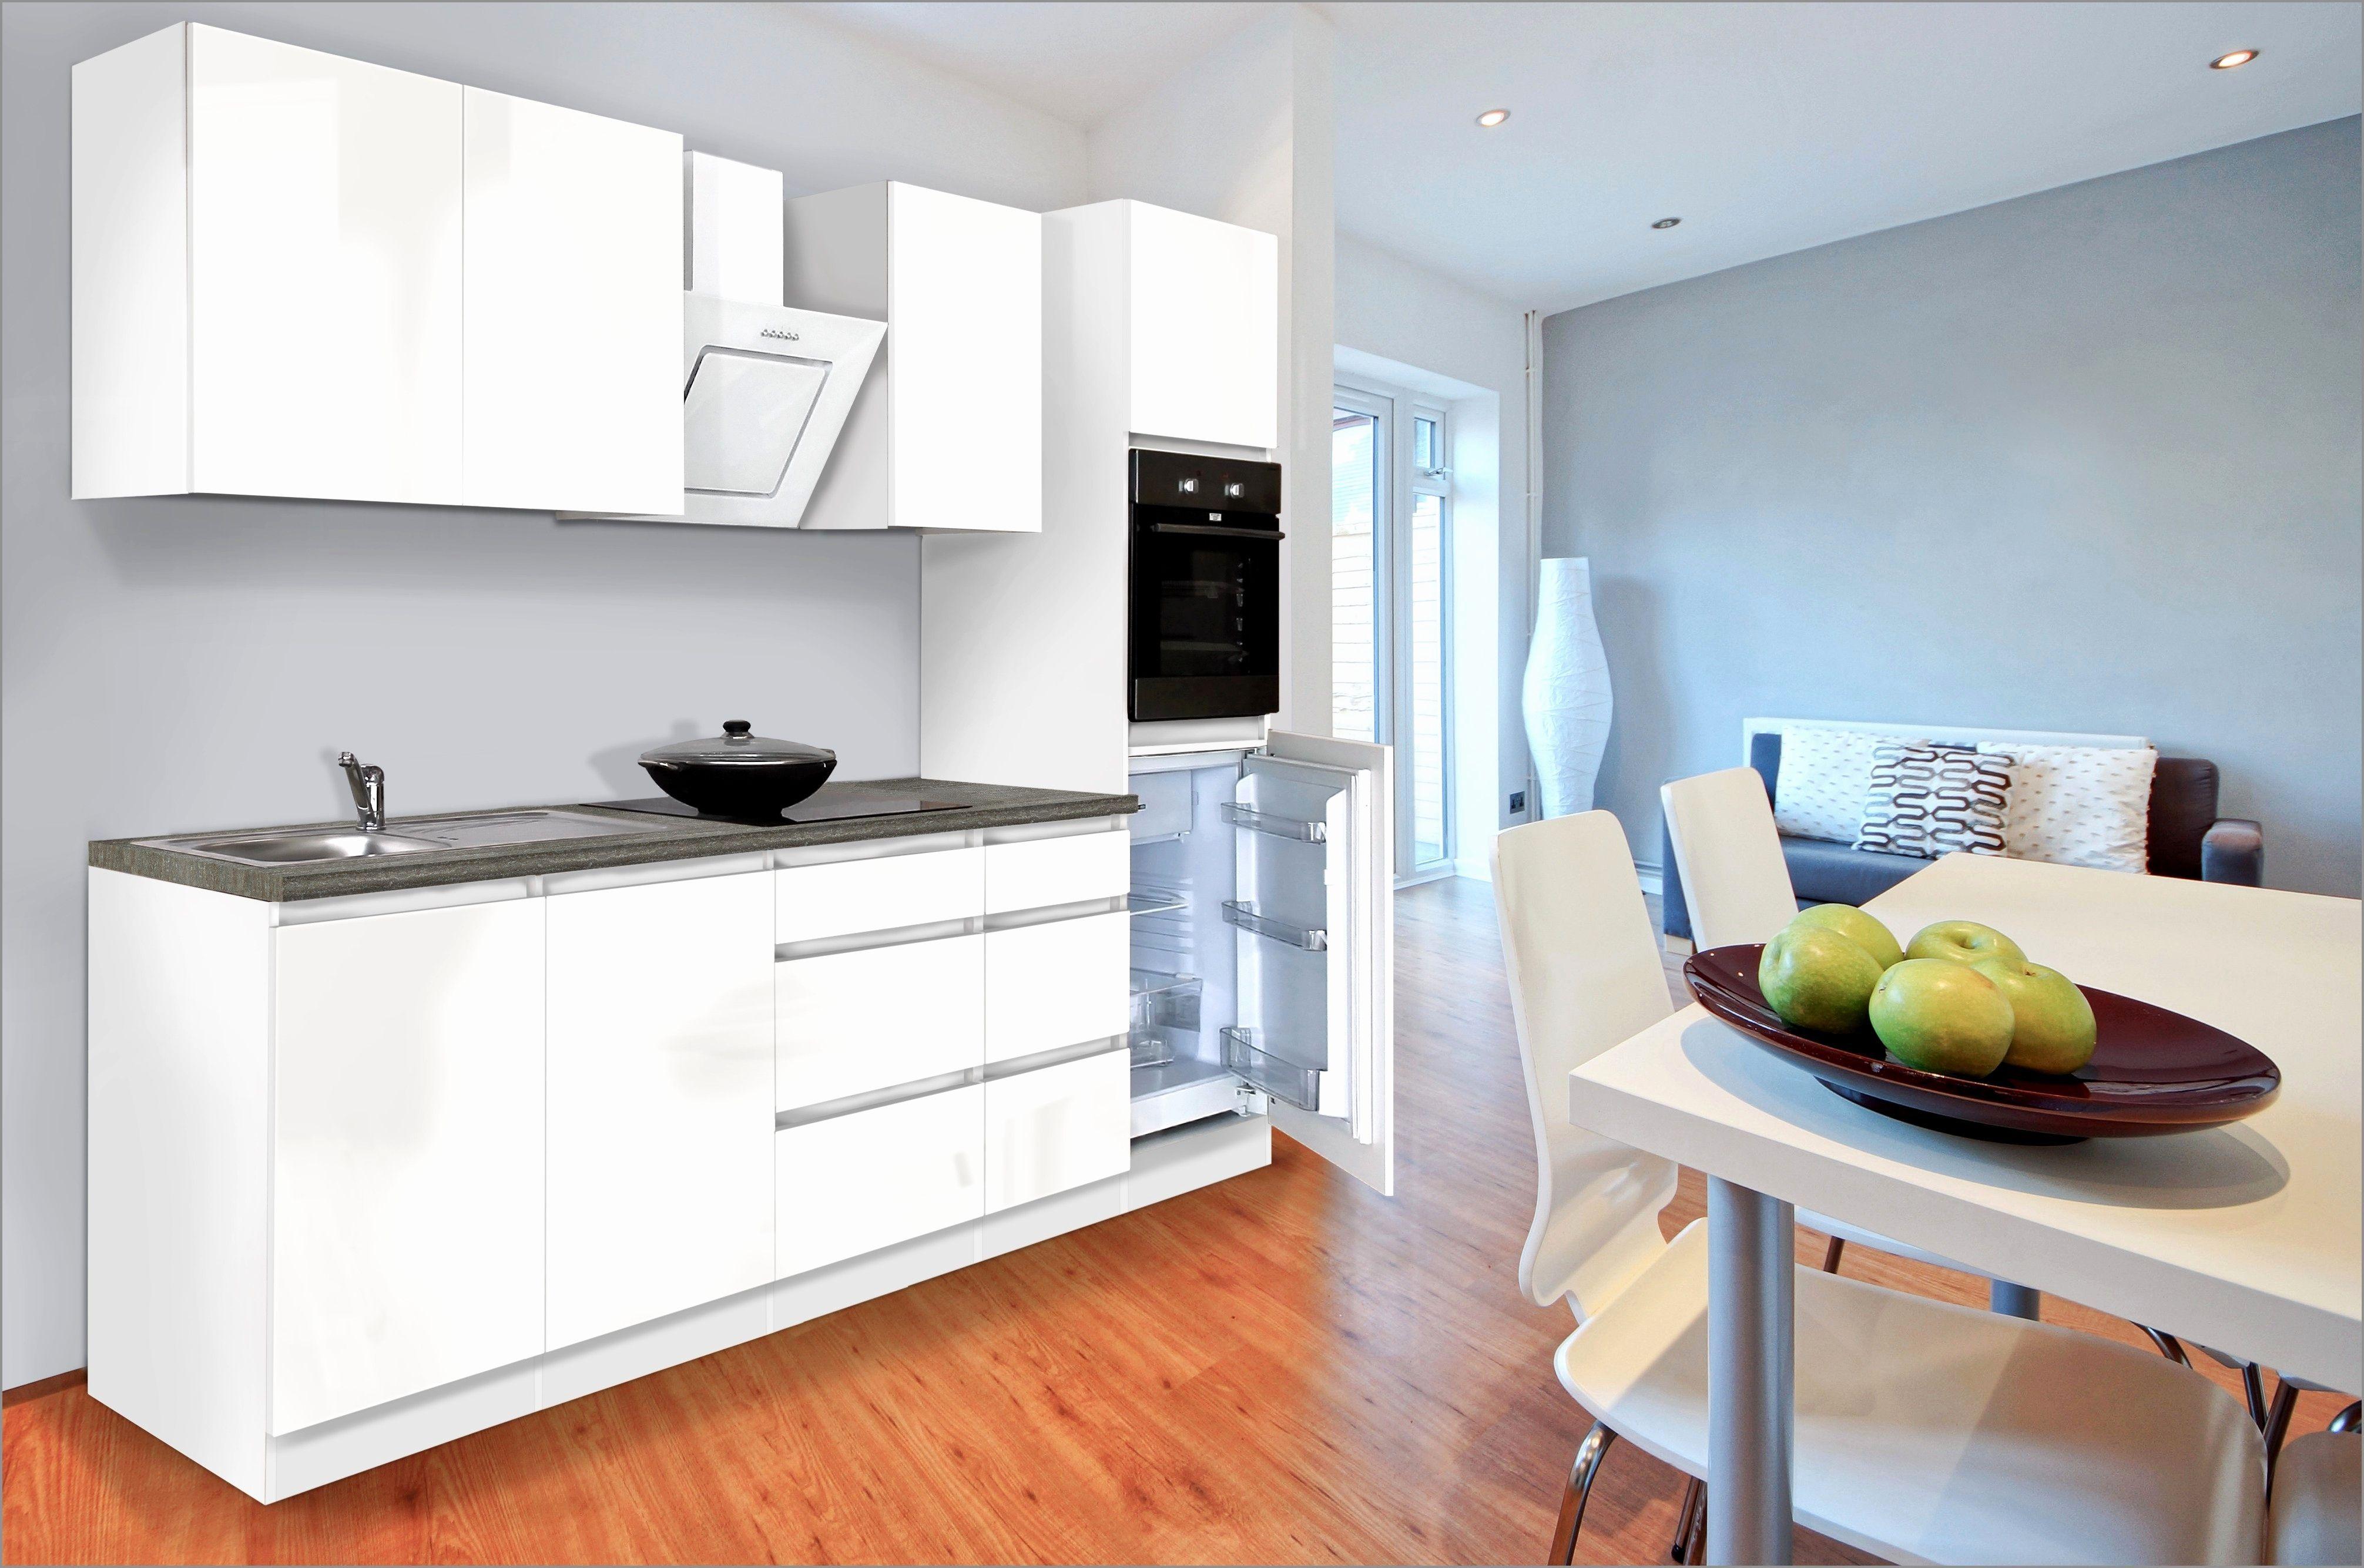 Arbeitsplatte Küche Ikea Maße | Unterschrank küche ...